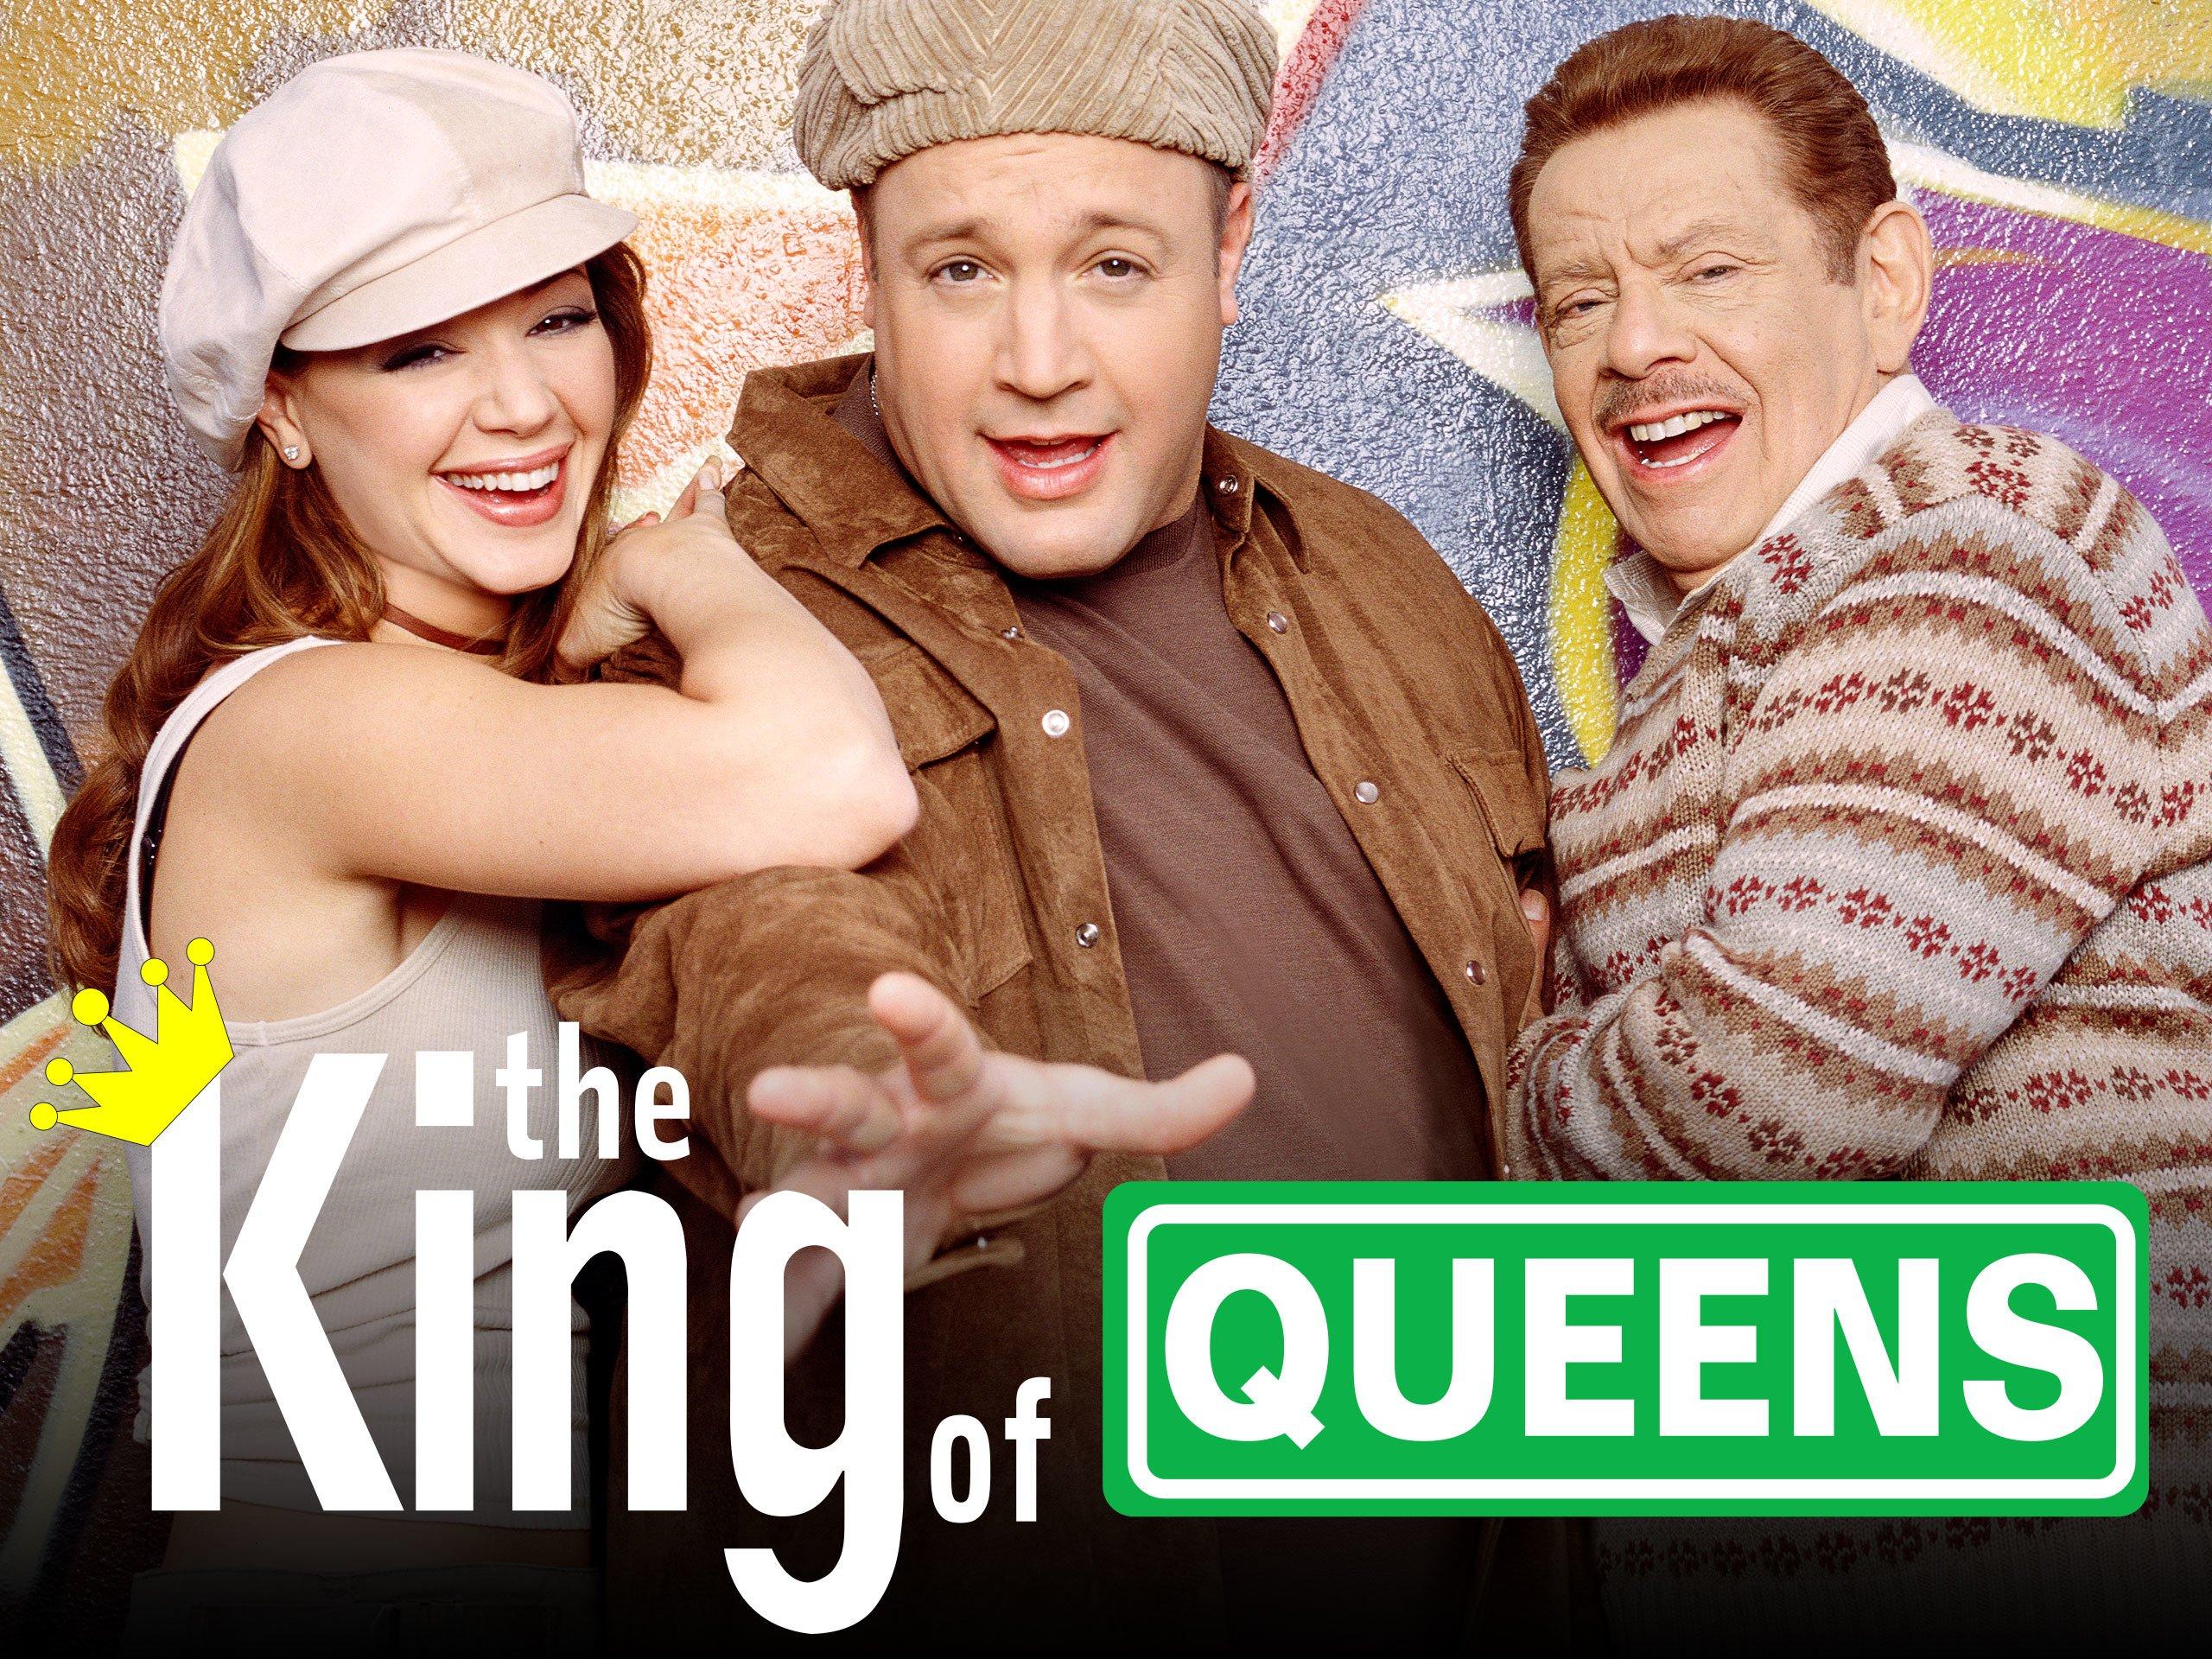 Amazon.de: King of Queens - Staffel 5 [dt./OV] ansehen | Prime Video